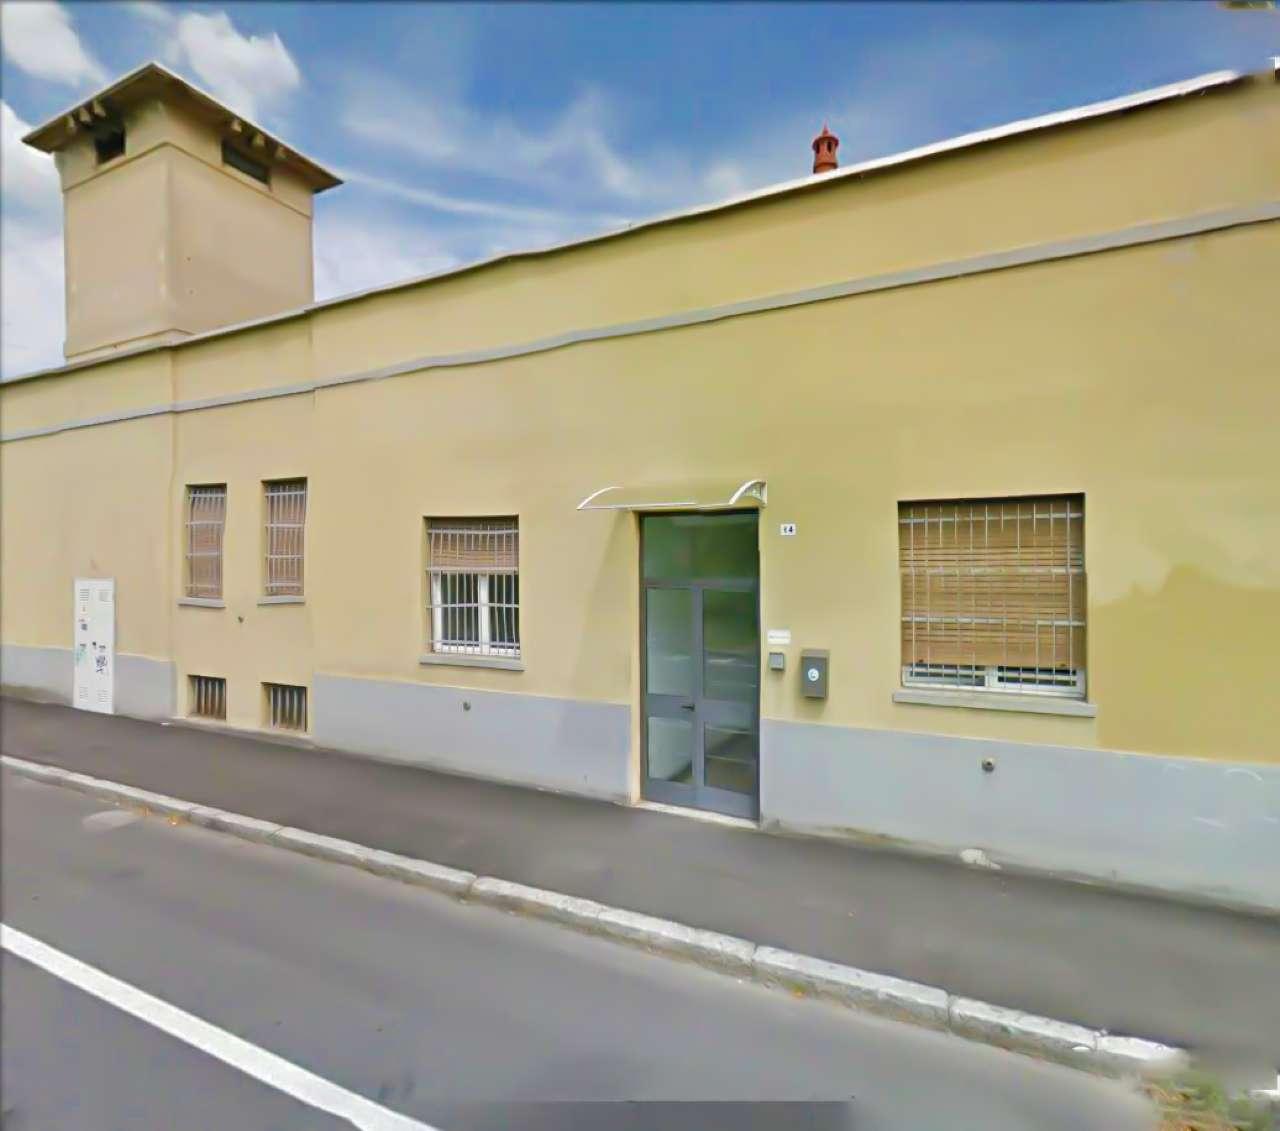 Ufficio / Studio in affitto a Novara, 8 locali, prezzo € 1.500 | CambioCasa.it